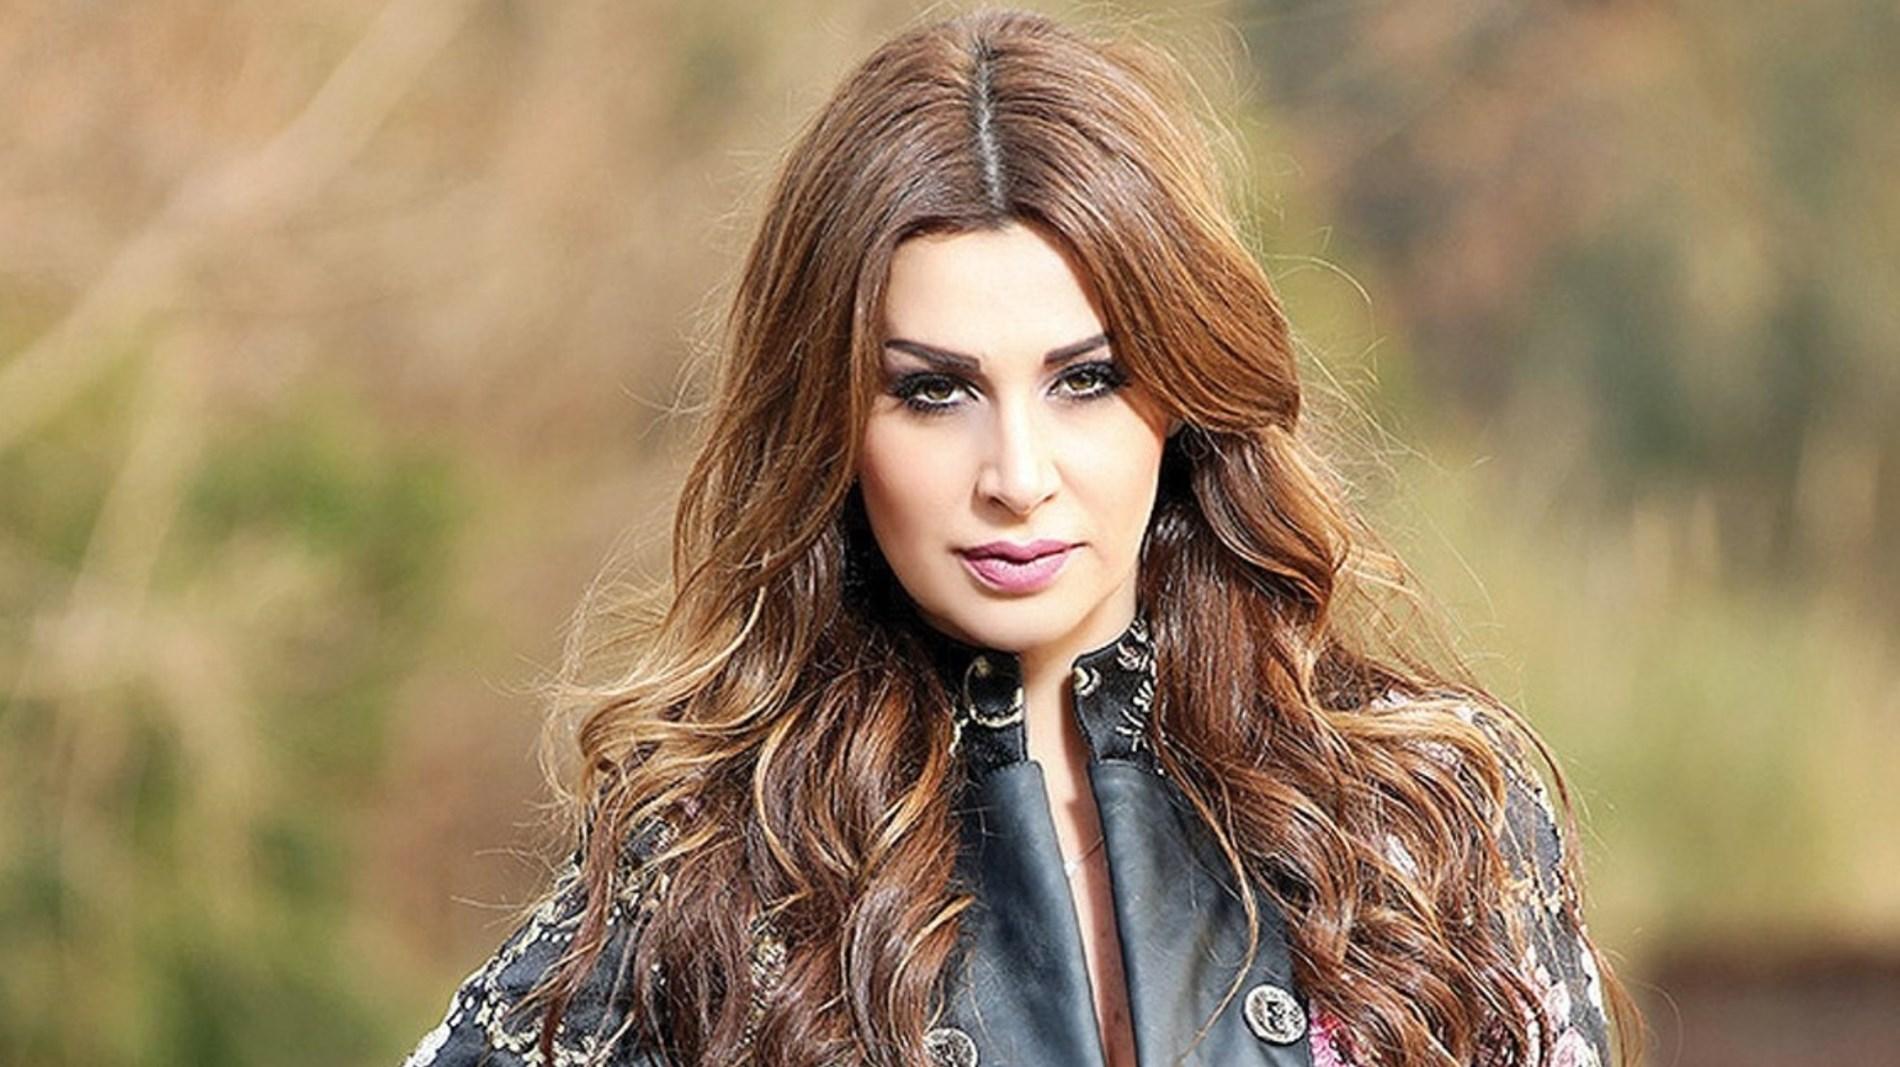 كاتيا كعدي: أتمنى المشاركة في مسلسل عربي مشترك